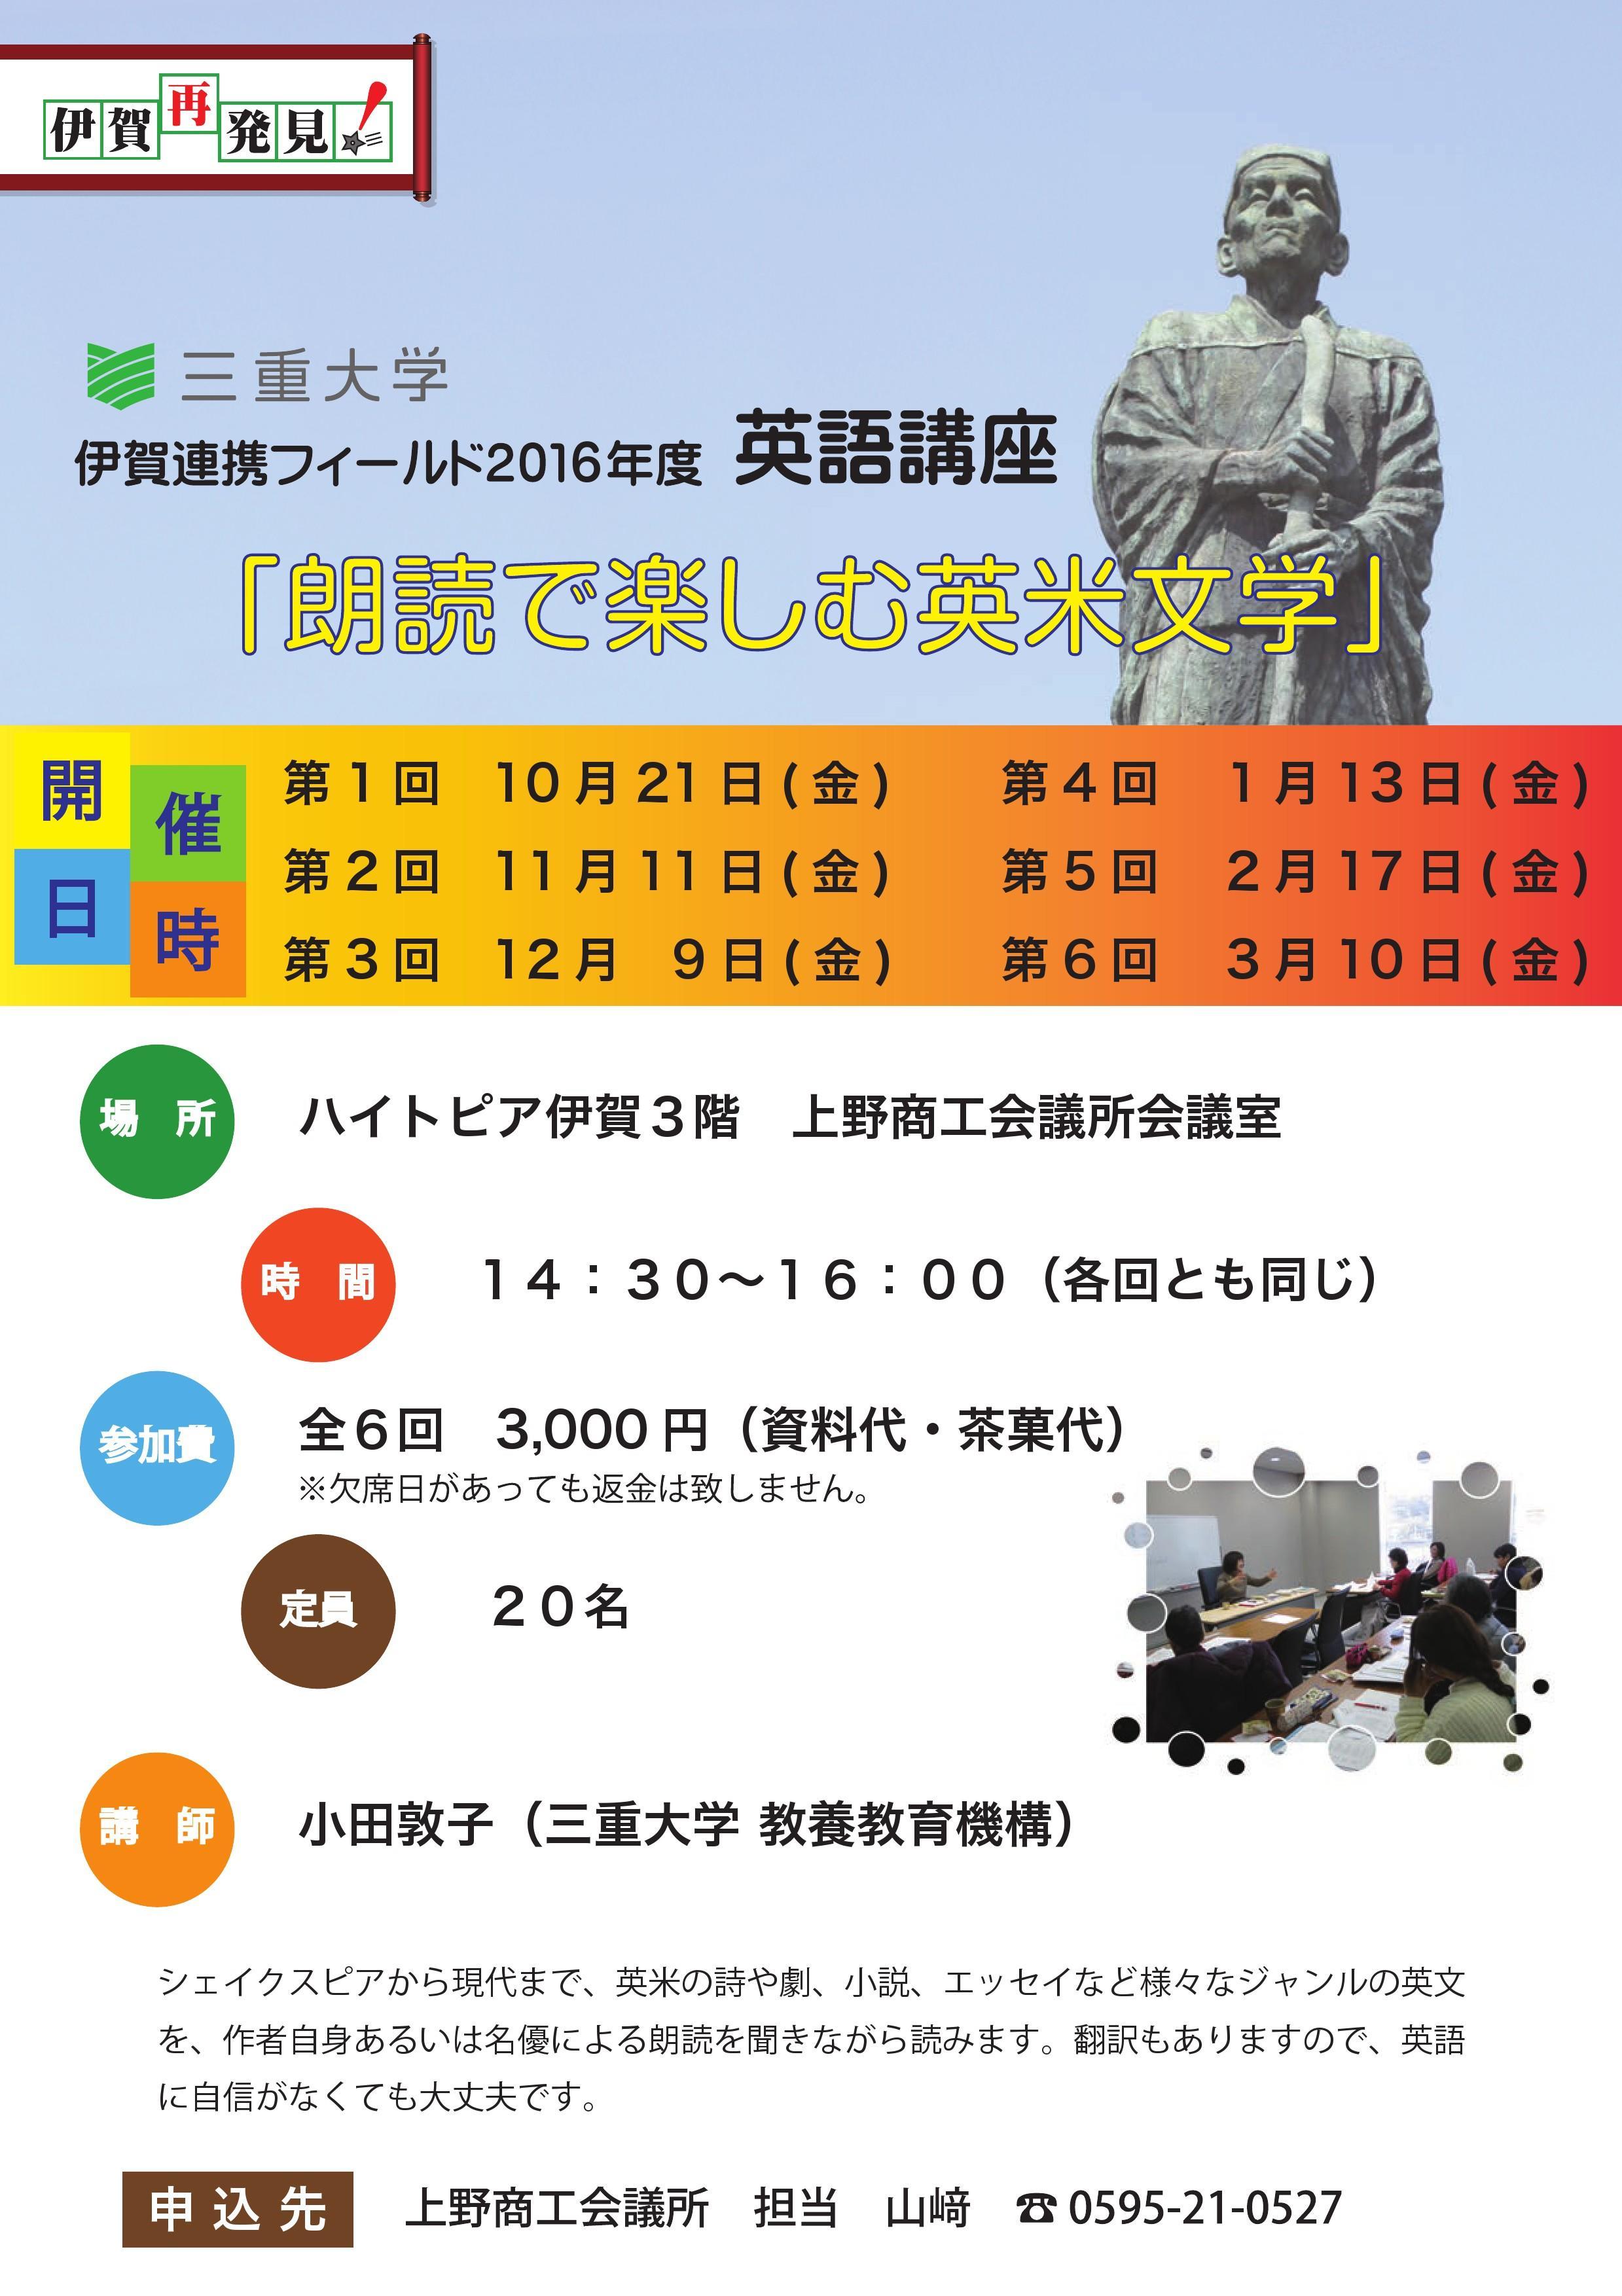 伊賀連携フィールド2016年度 講座チラシ_PAGE0000.jpg